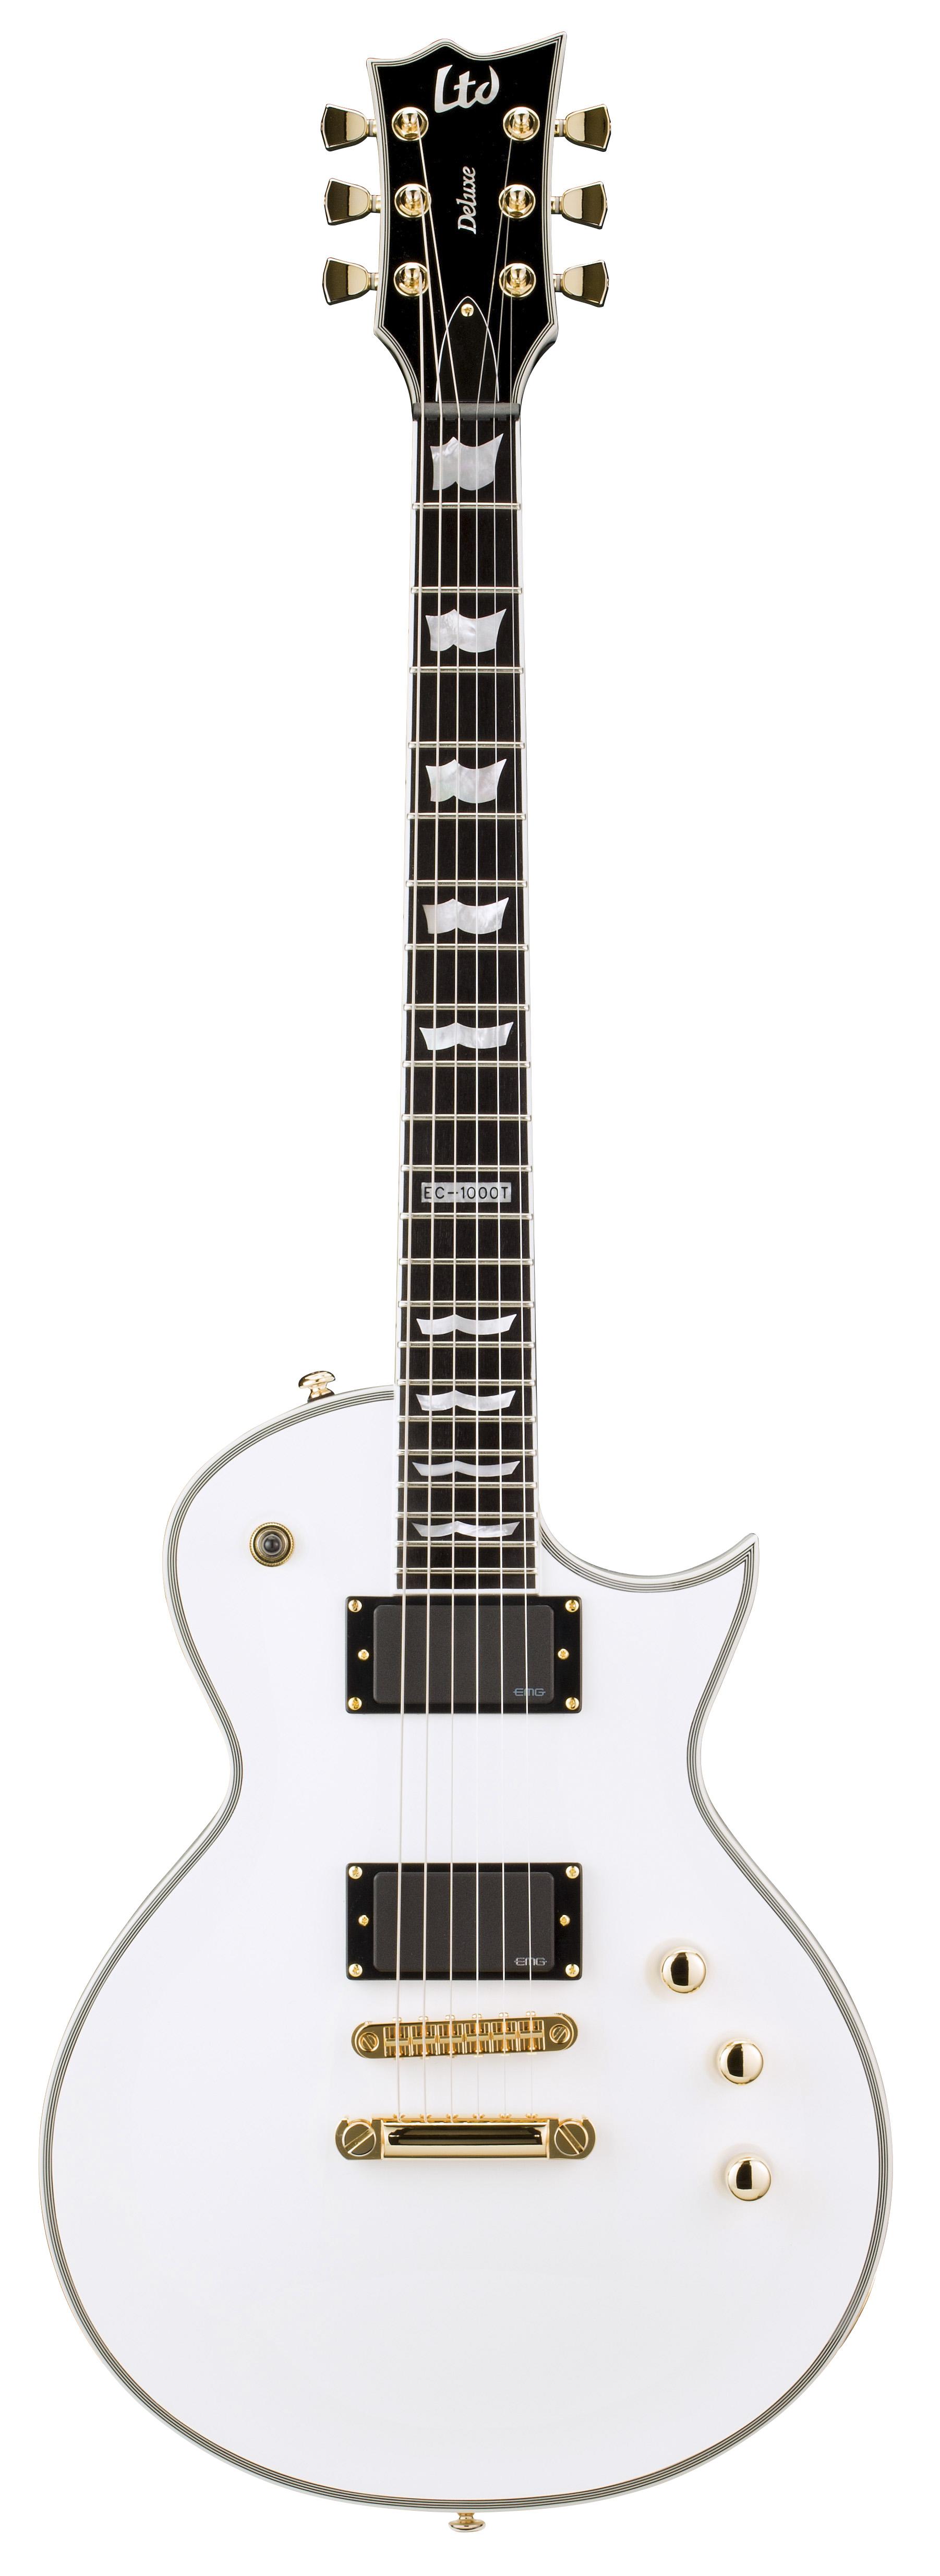 esp ltd ec 1000t ctm ec series electric guitar snow white finish mahogany w ebony fingerboard. Black Bedroom Furniture Sets. Home Design Ideas